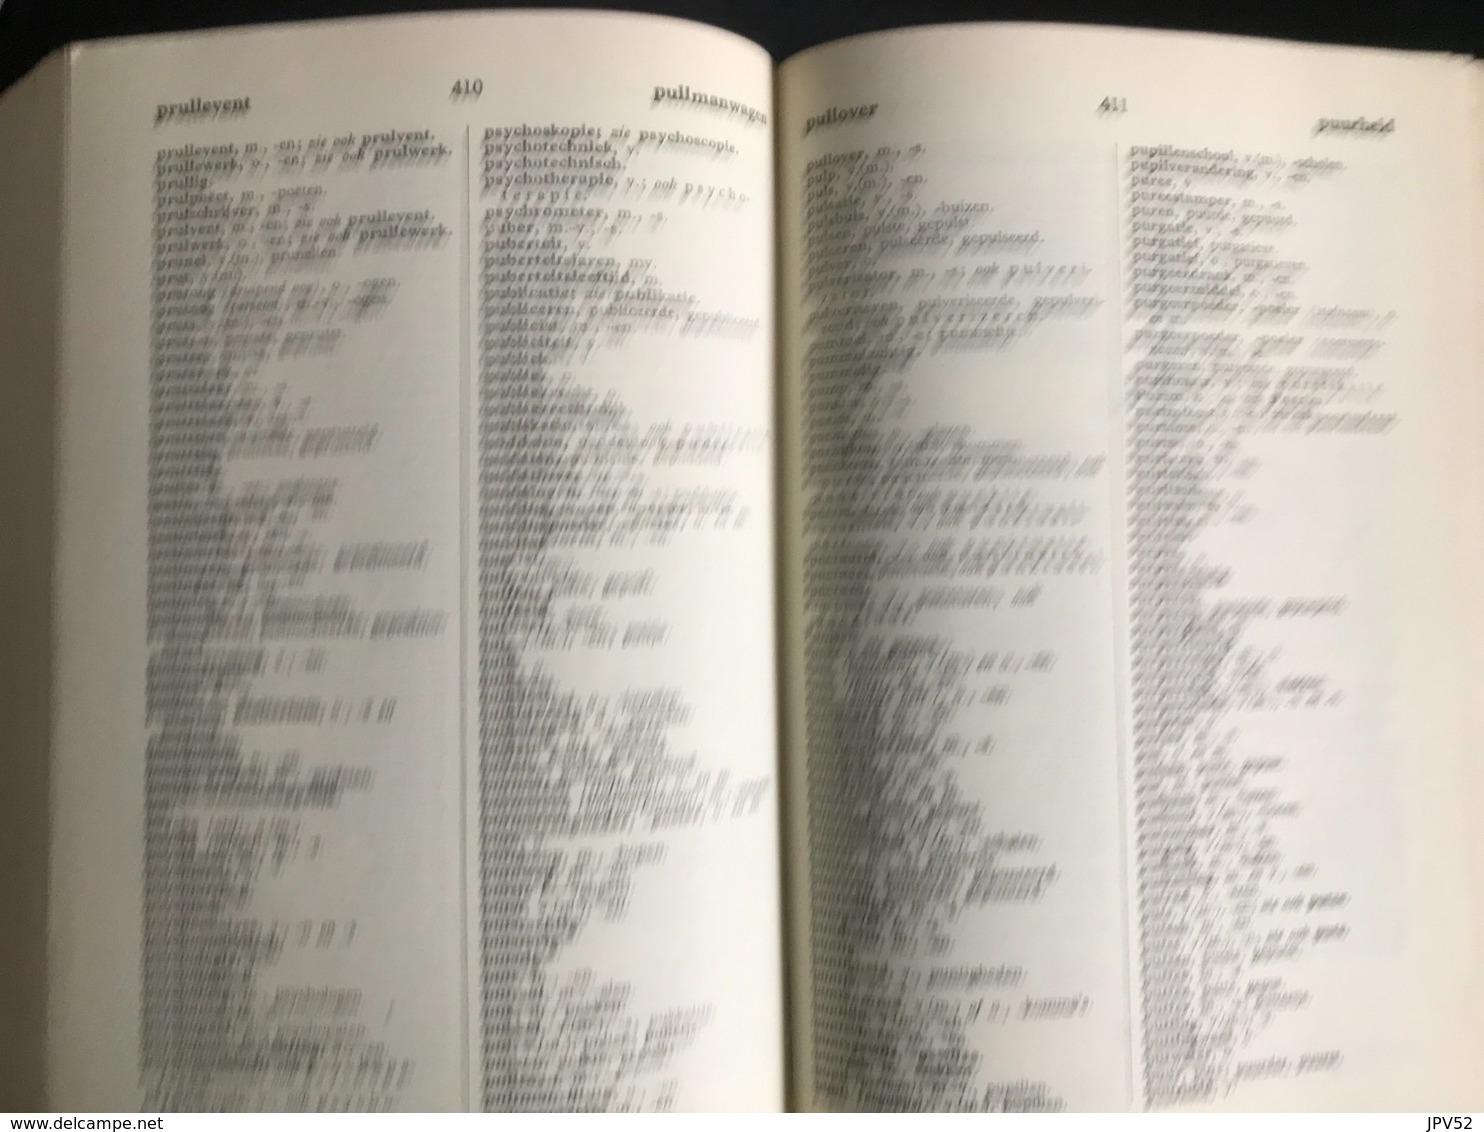 (324) Het Groene Boekje - Woordenlijst Nederlandse Taal - 1954 - 645p. - Dictionaries